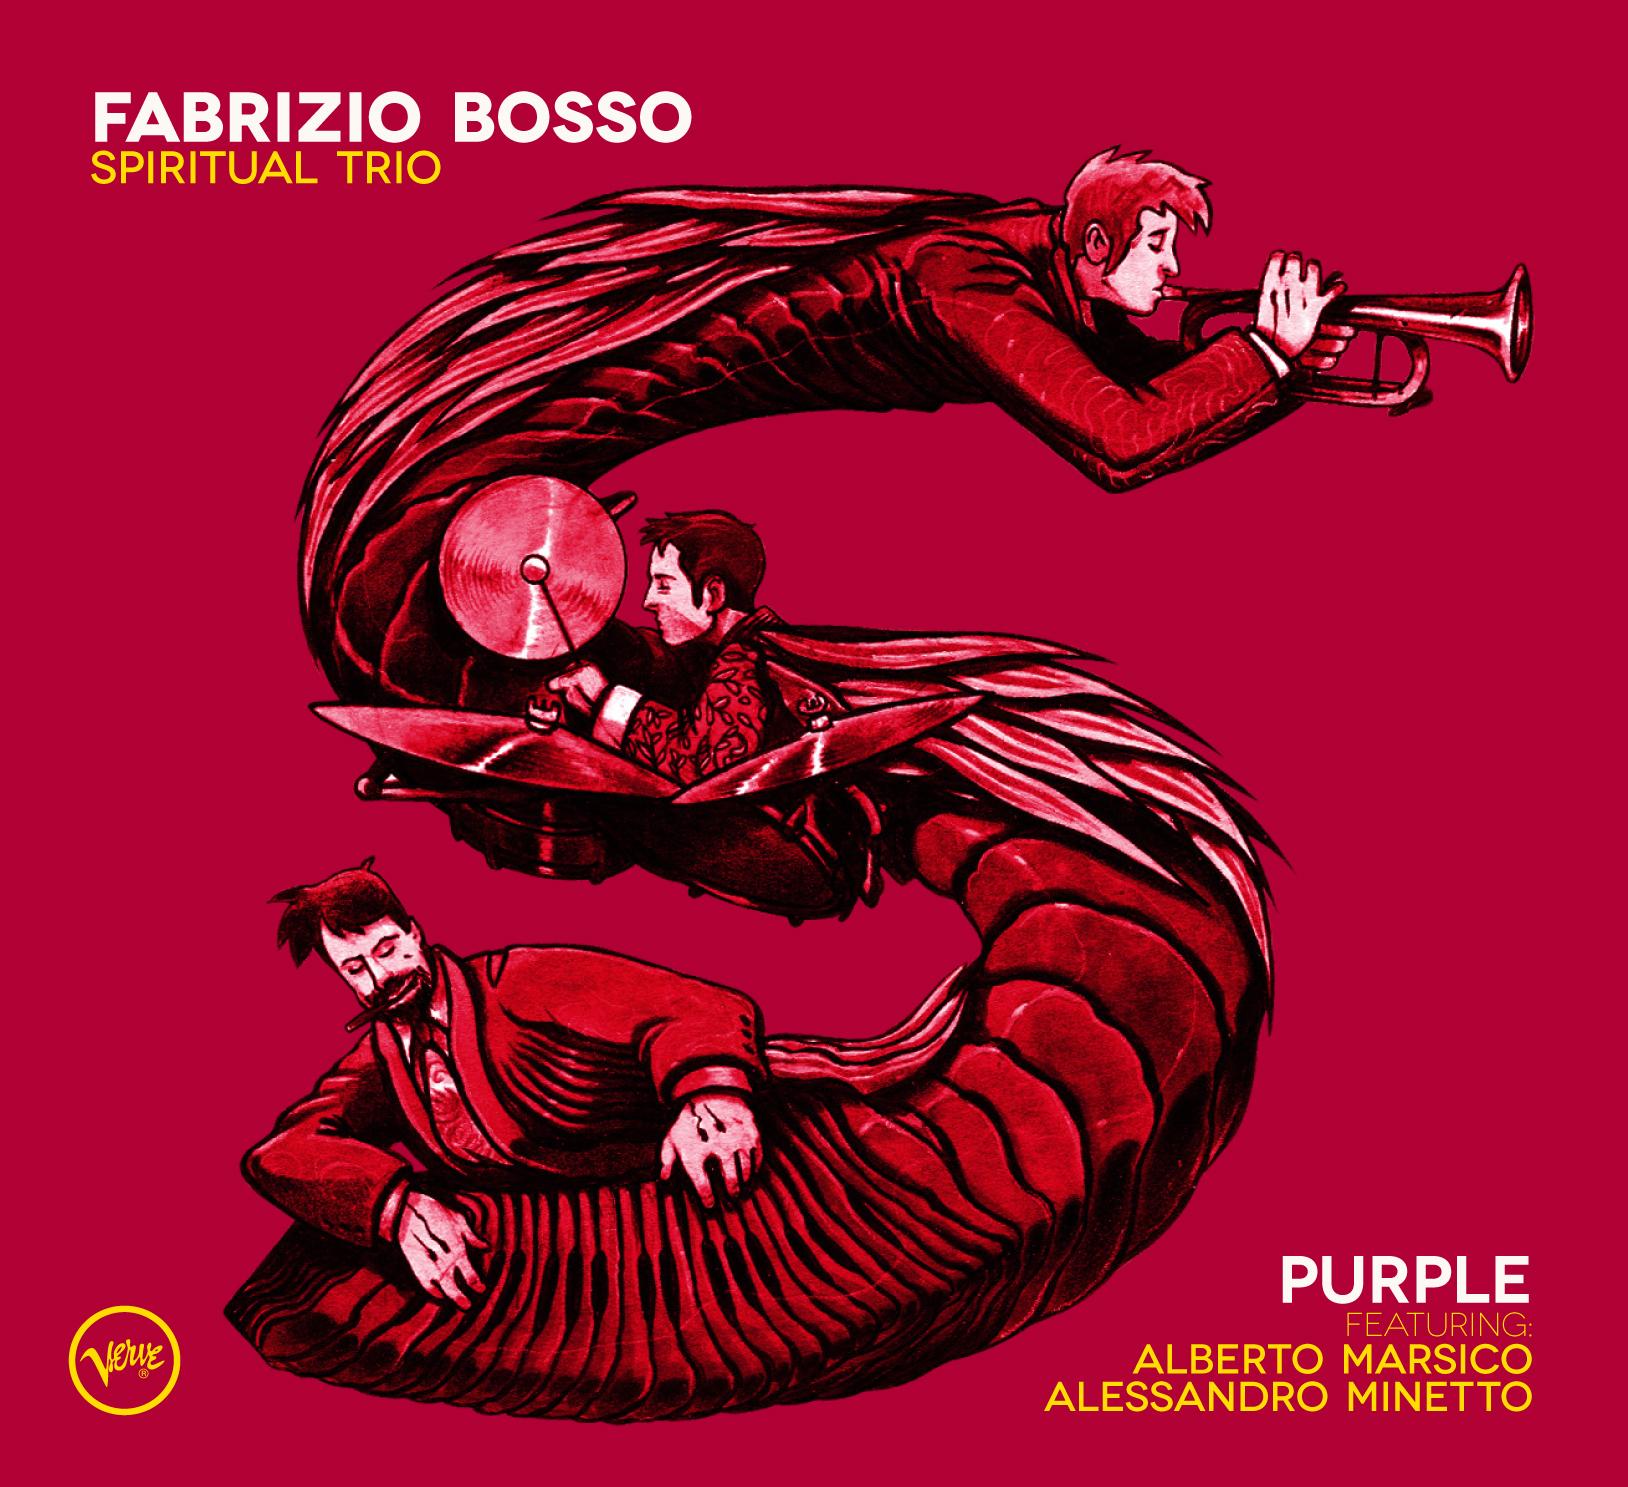 Alberto_Marsico_Fabrizio_Bosso_Spiritual_Trio-Purple.jpg